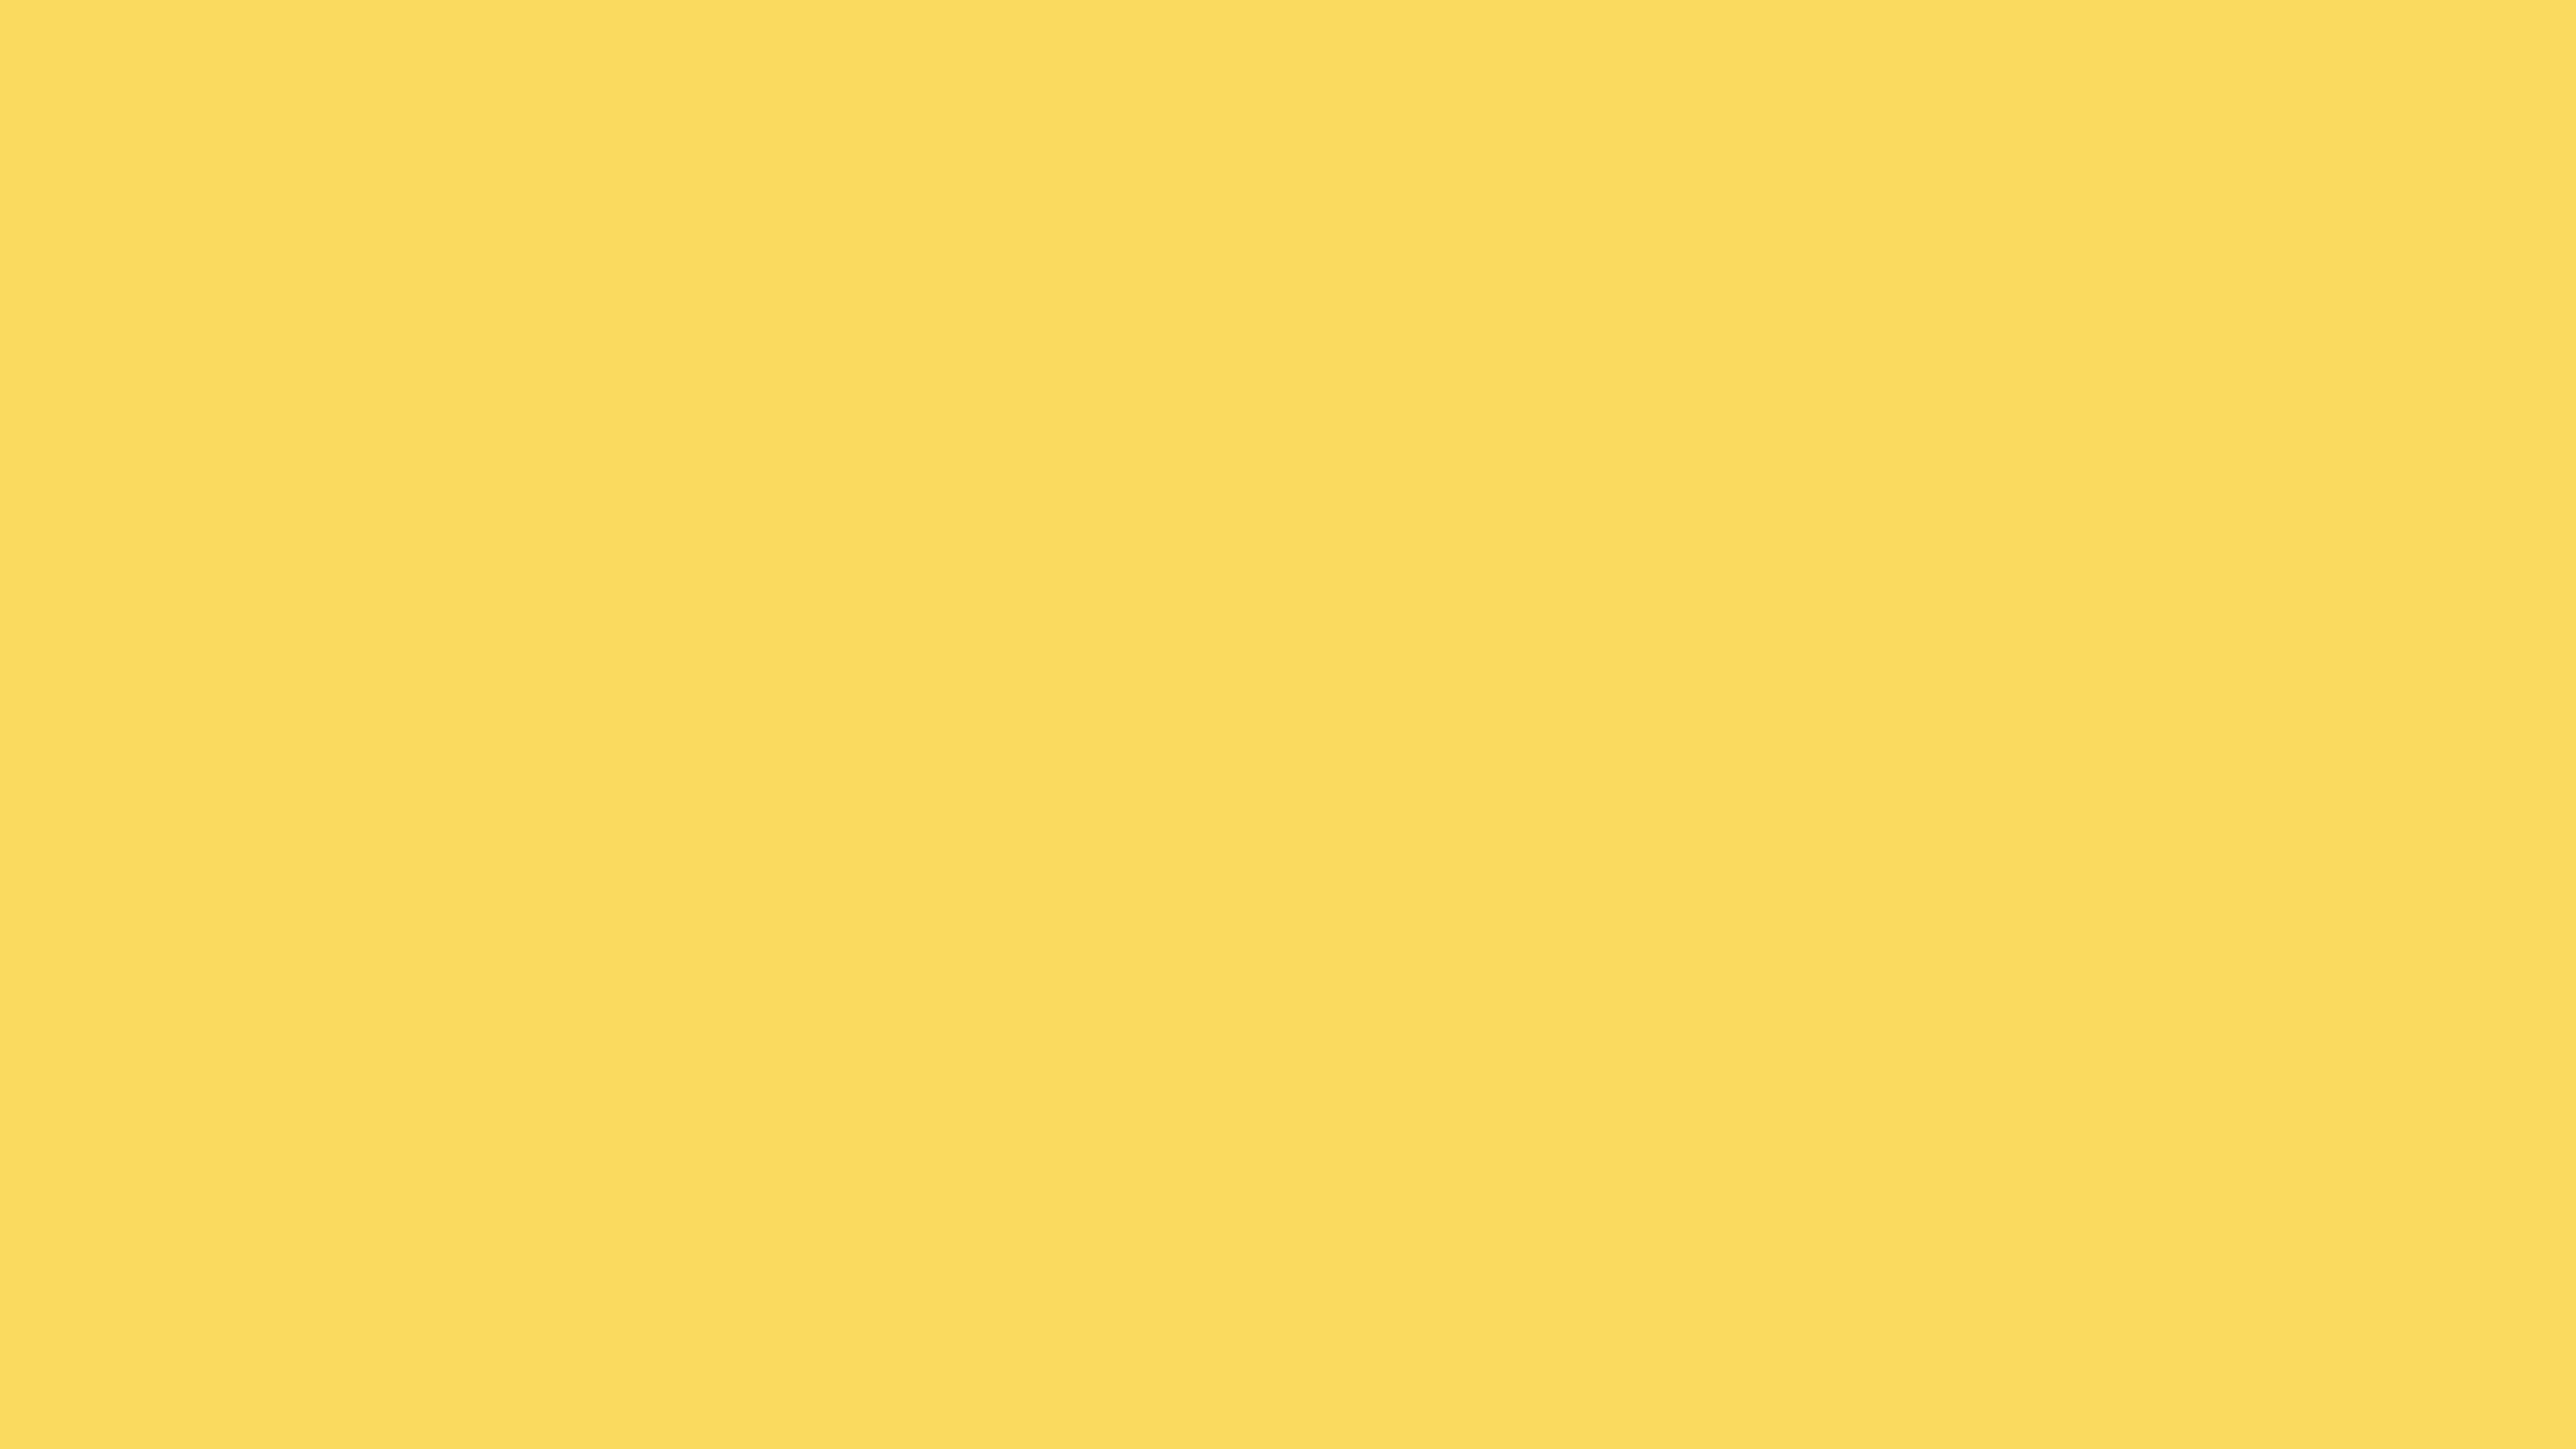 4096x2304 Stil De Grain Yellow Solid Color Background